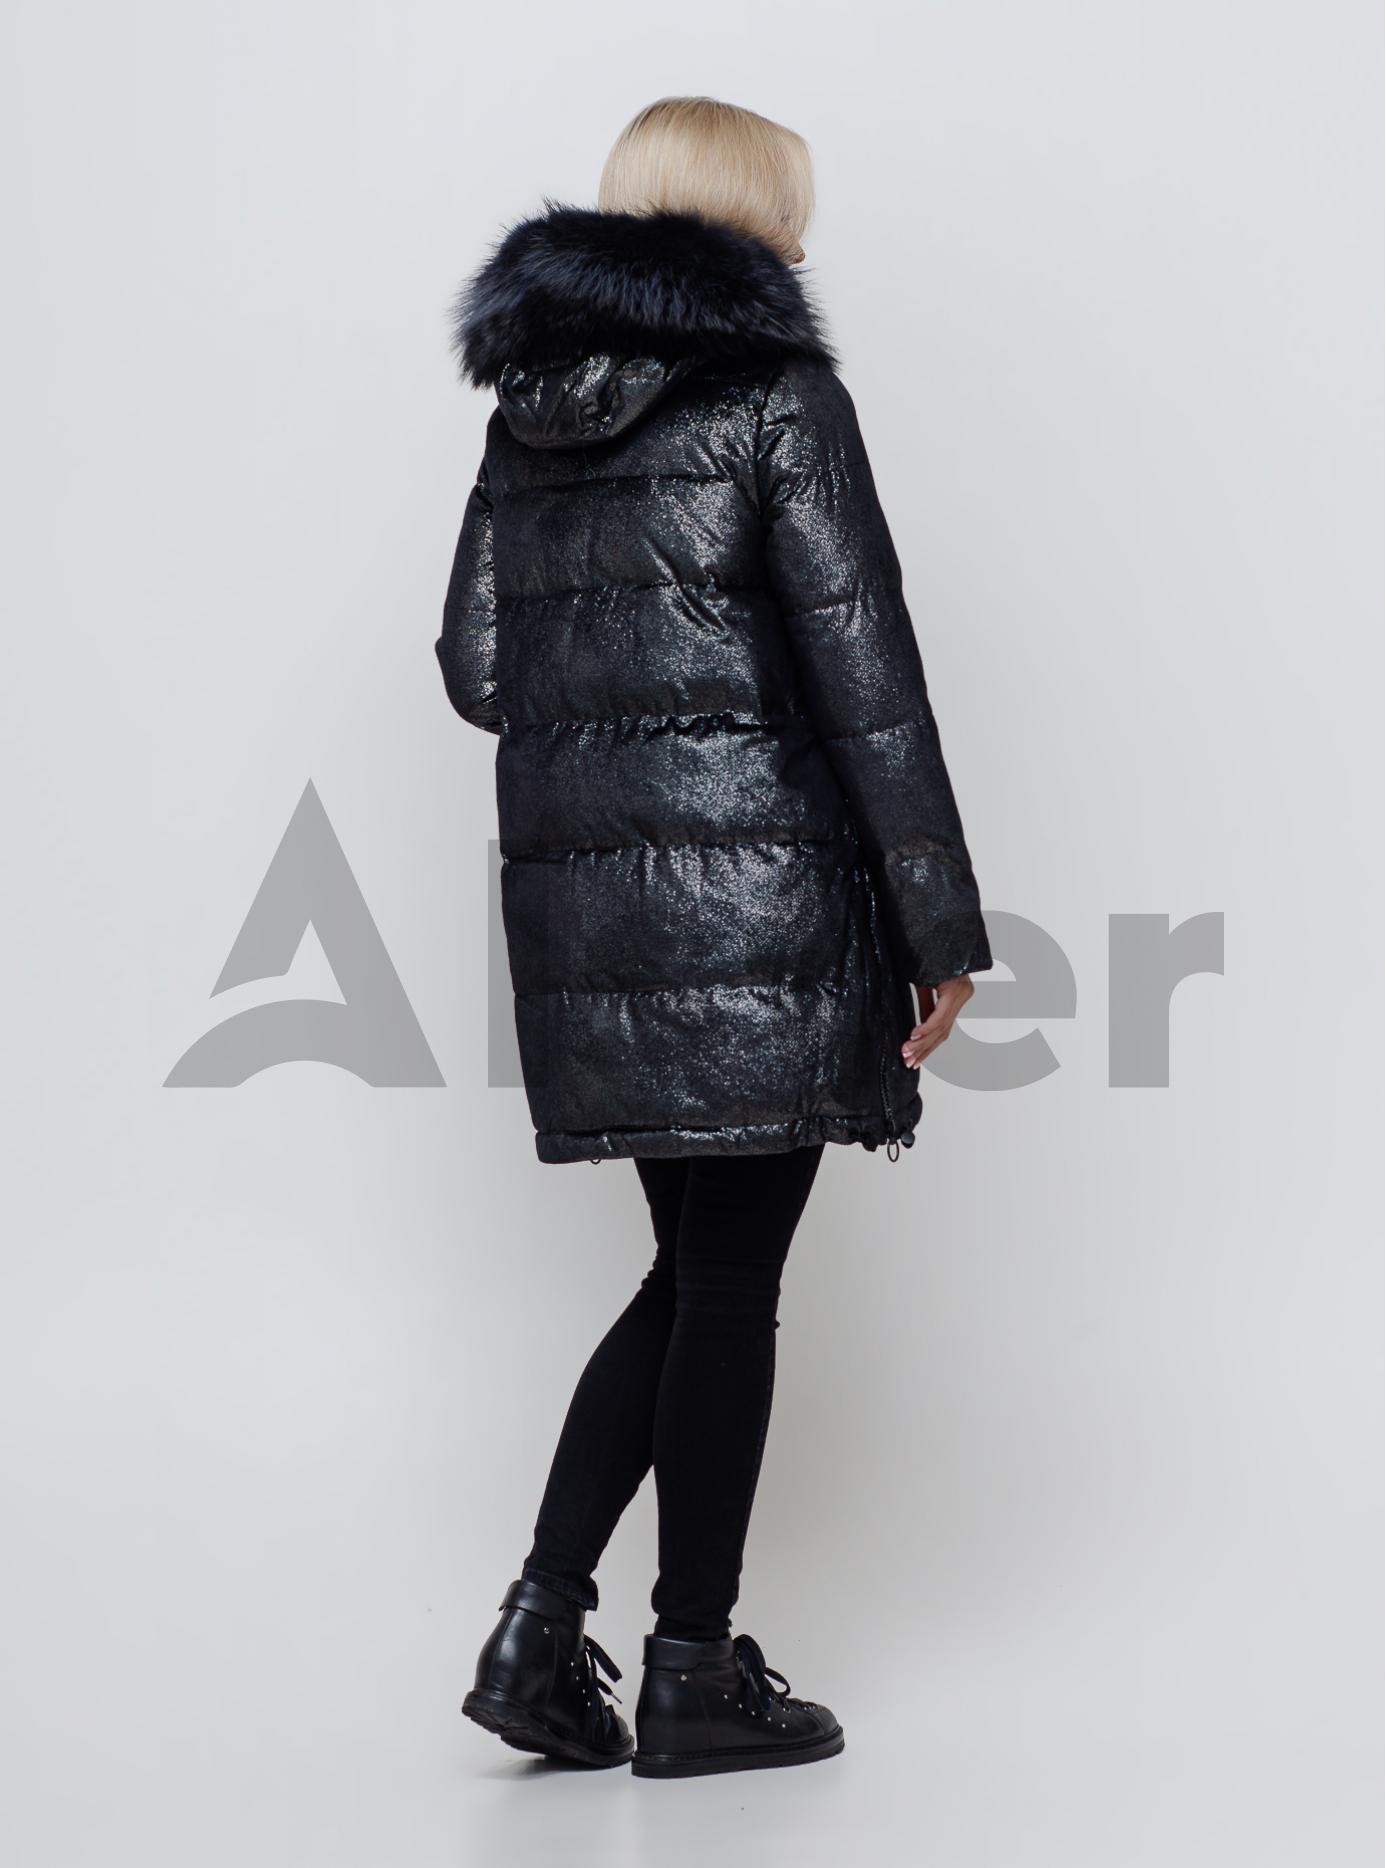 Жіноча зимова куртка з хутром Чорний S (05-SV201079): фото - Alster.ua